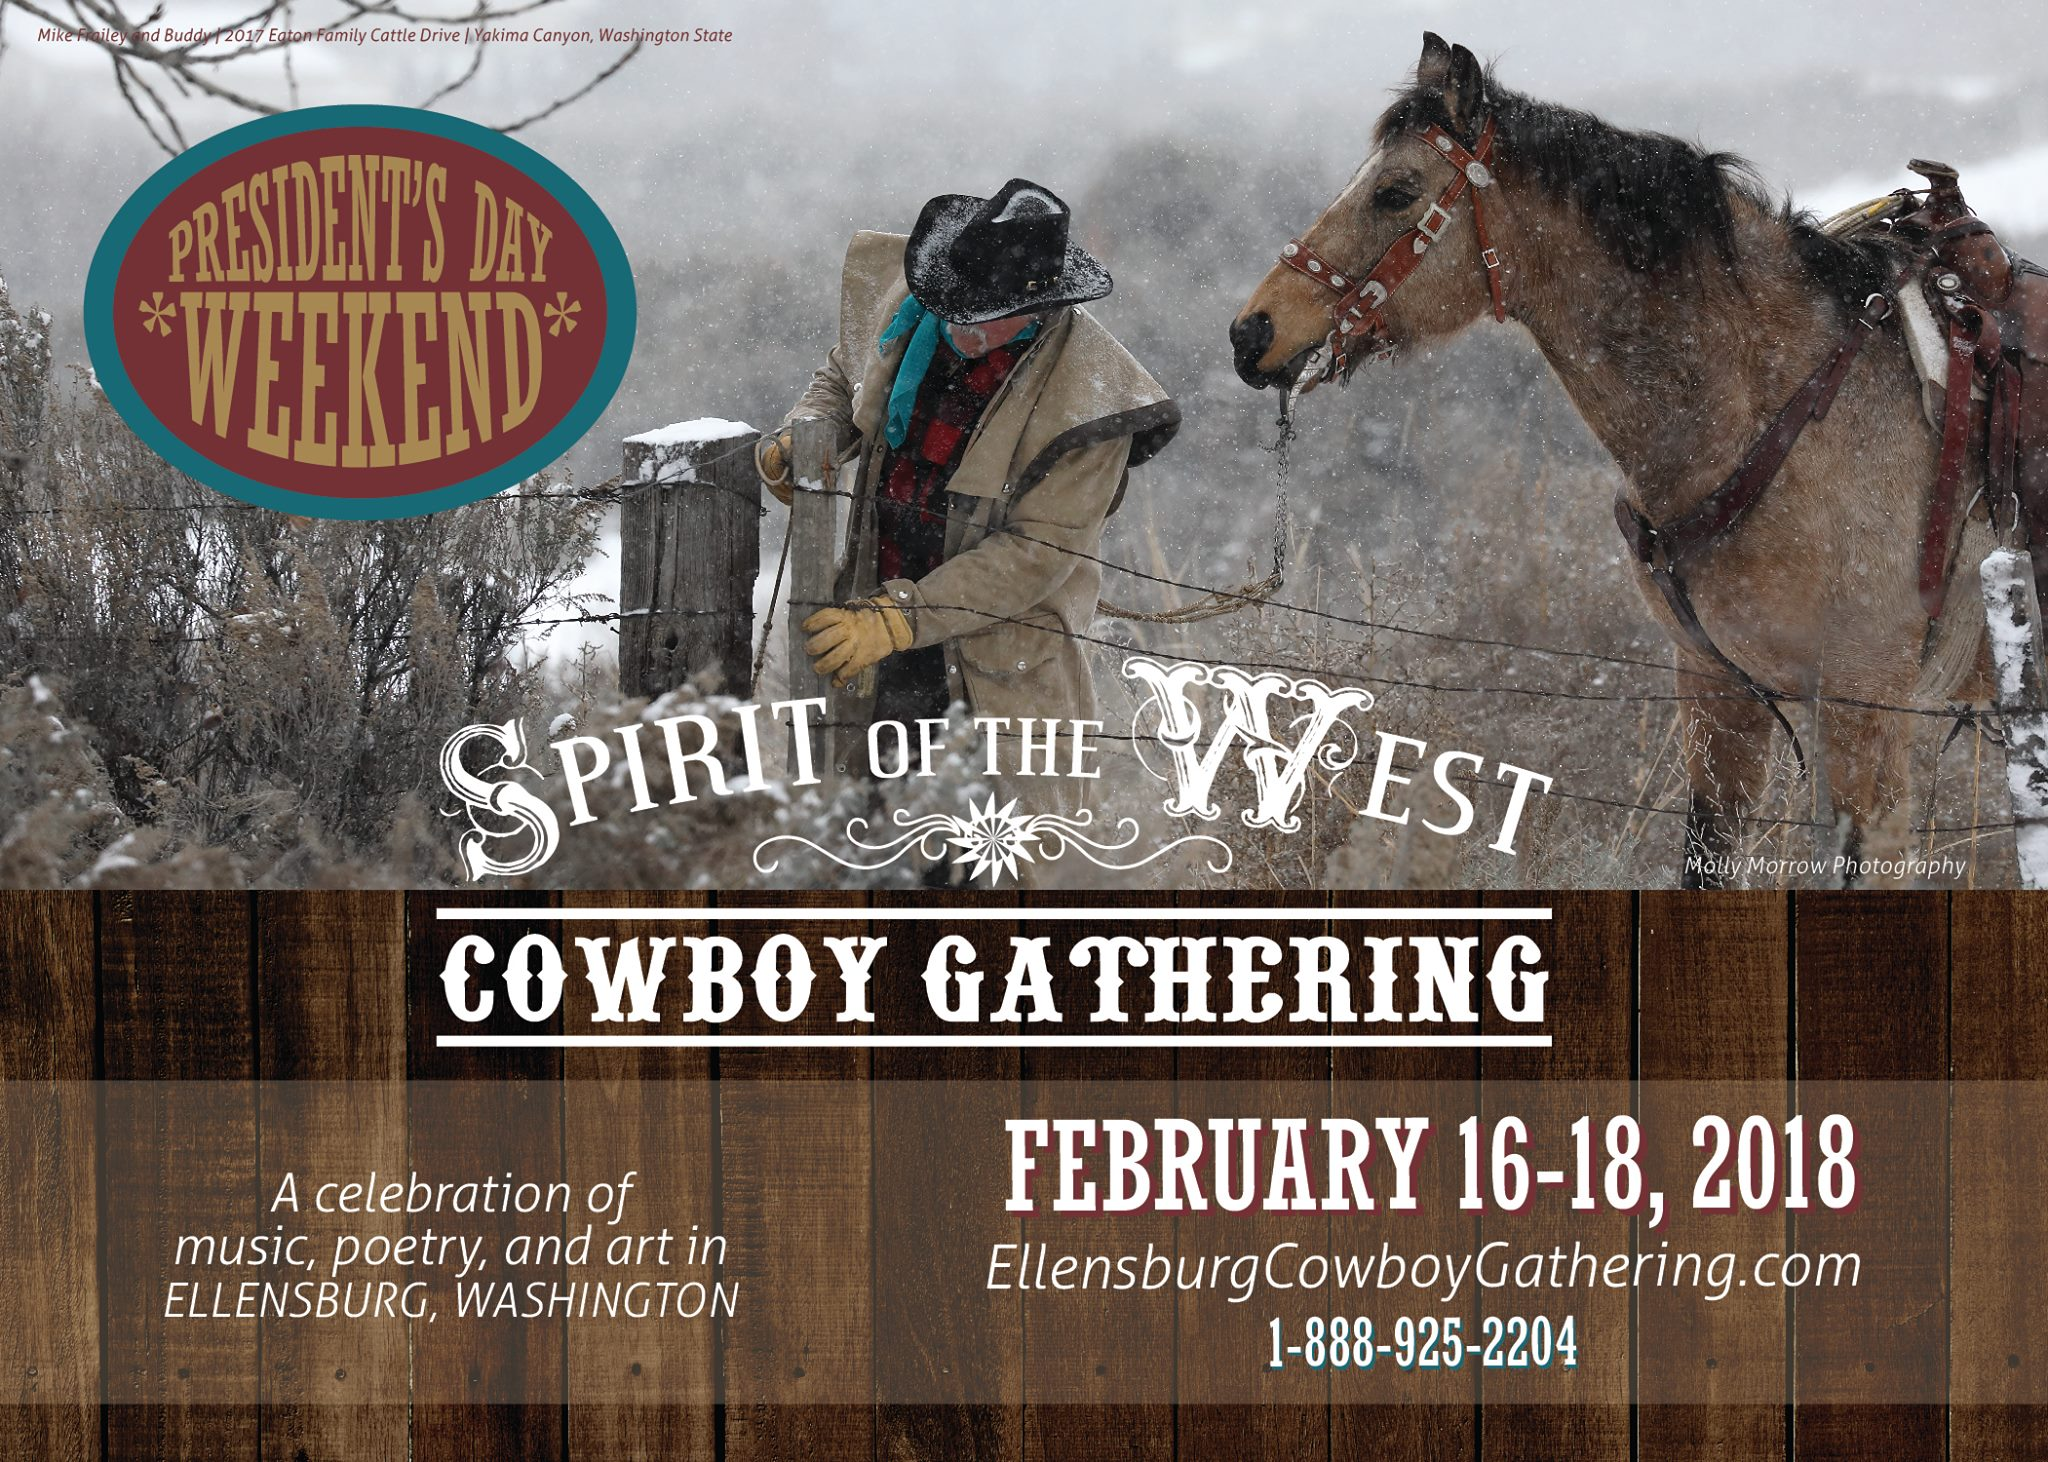 Spirit of the West Cowboy Gathering @ Ellensburg | Washington | United States